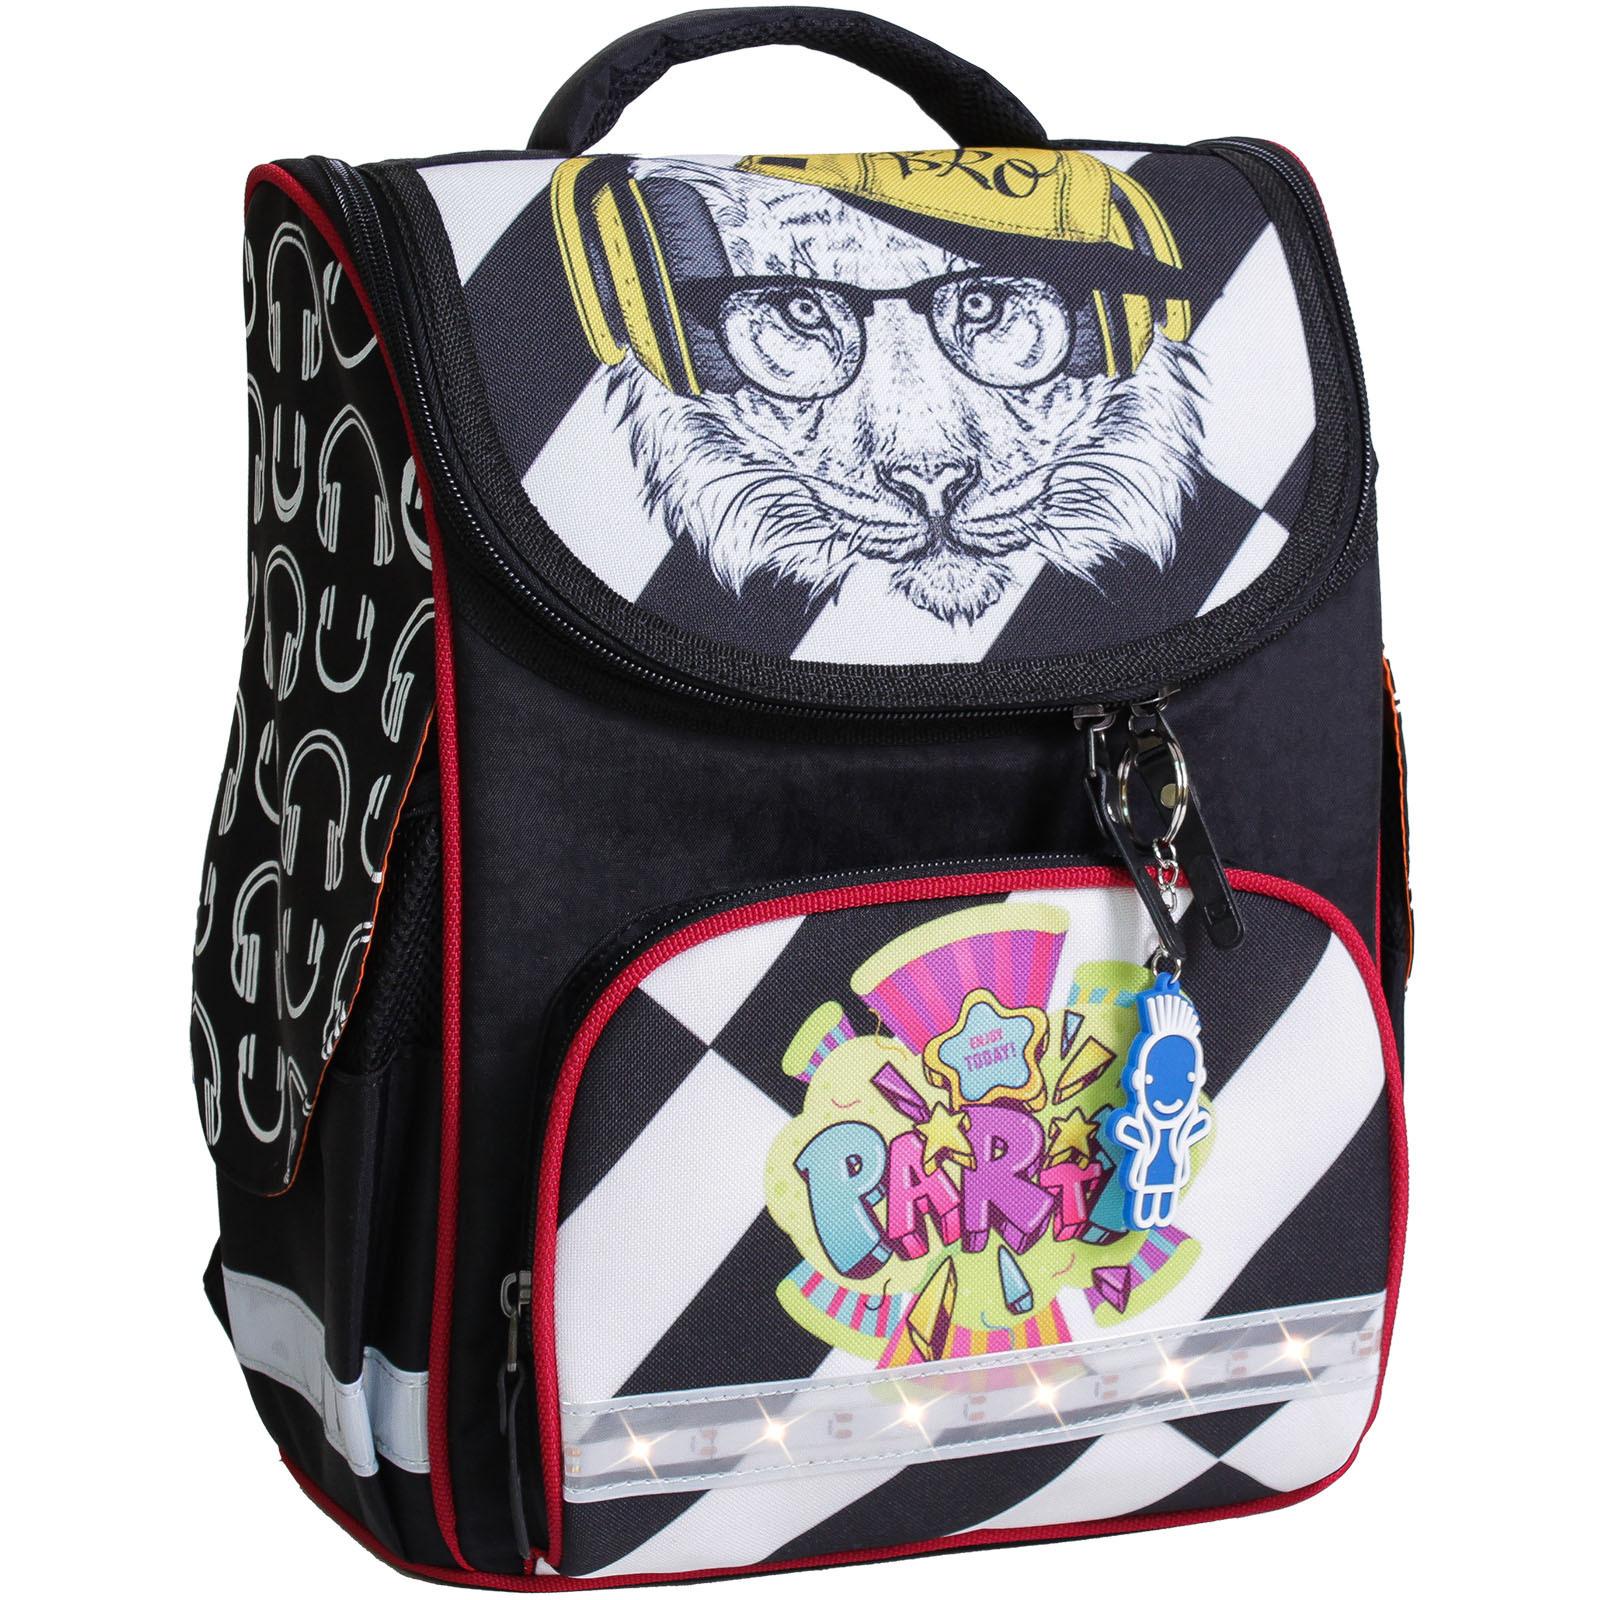 Школьные рюкзаки Рюкзак школьный каркасный с фонариками Bagland Успех 12 л. черный 175k (00551703) IMG_8042-1600.jpg